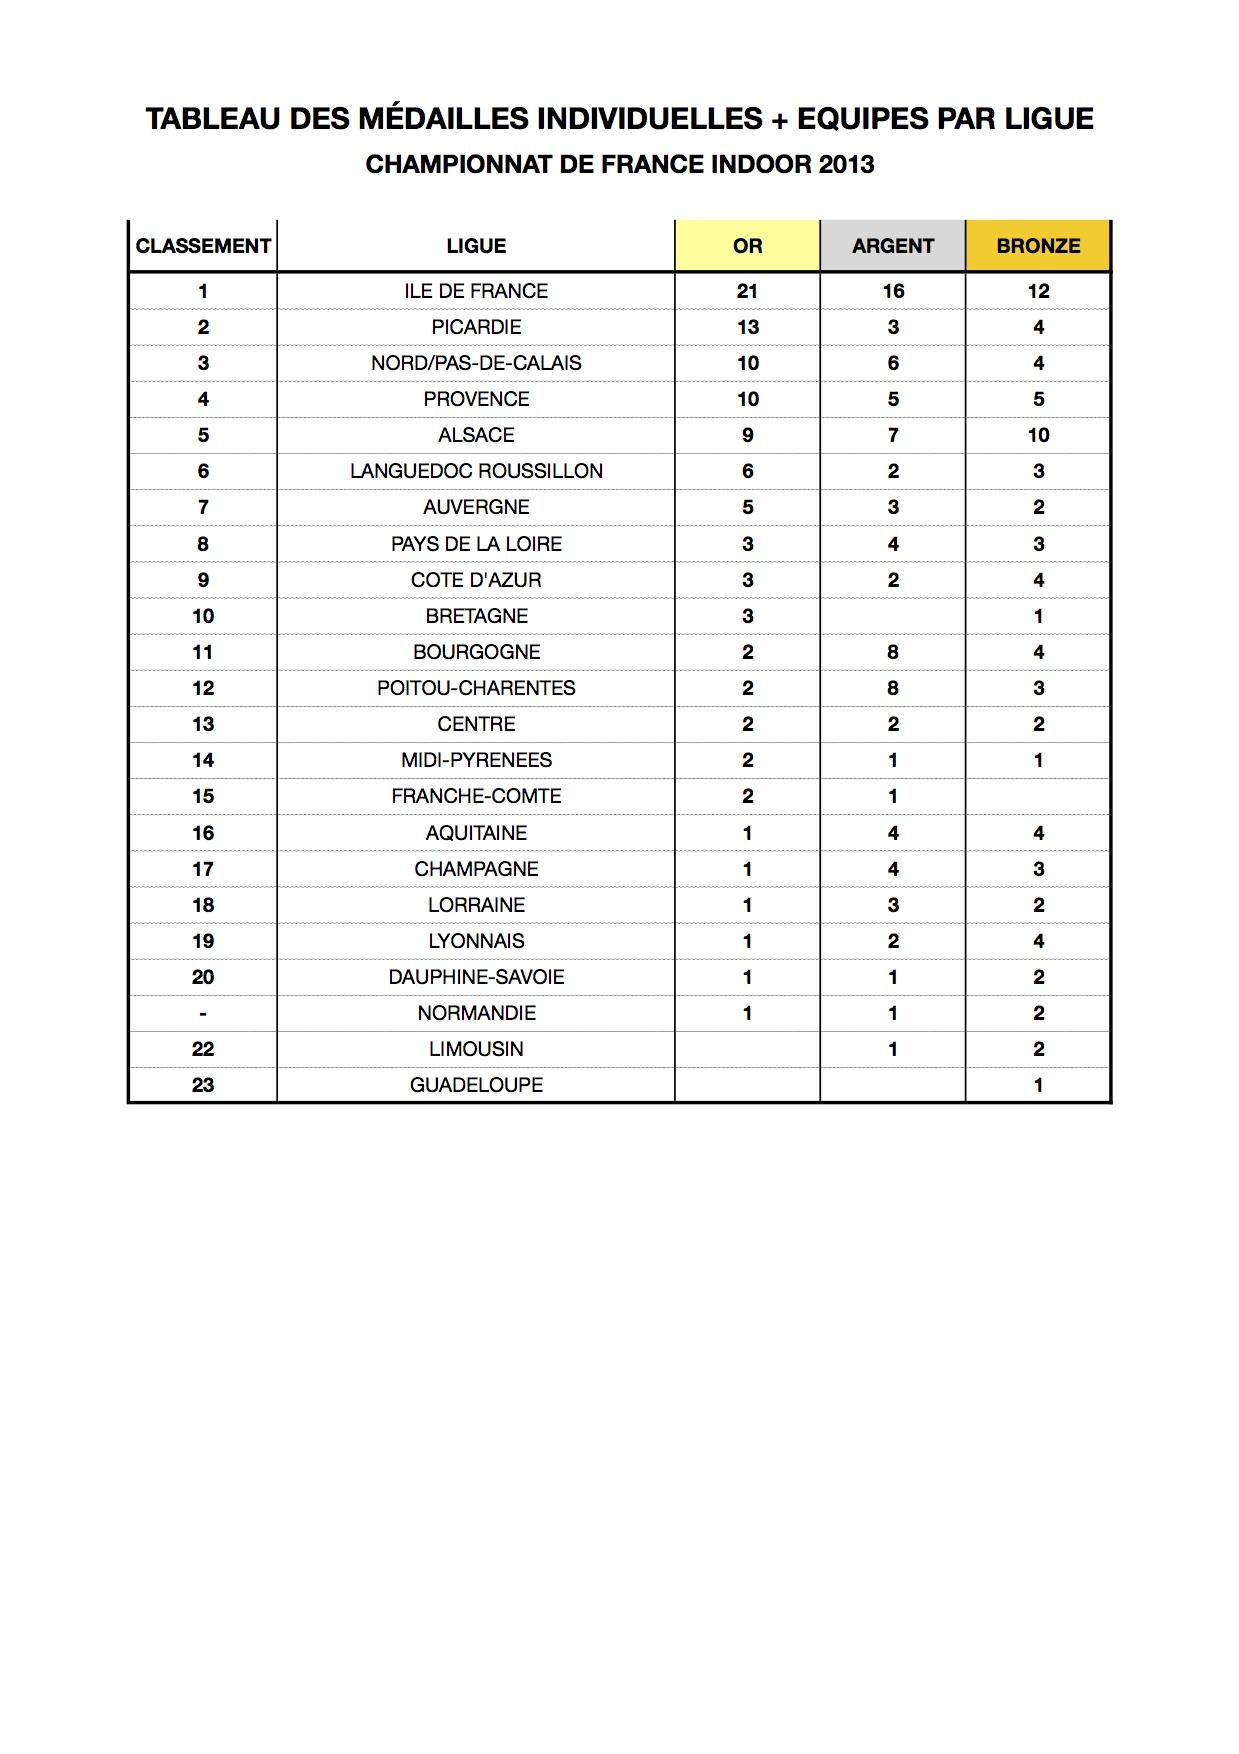 Tableau medailles ligue CDF indoor 2013 - 1_03.jpg